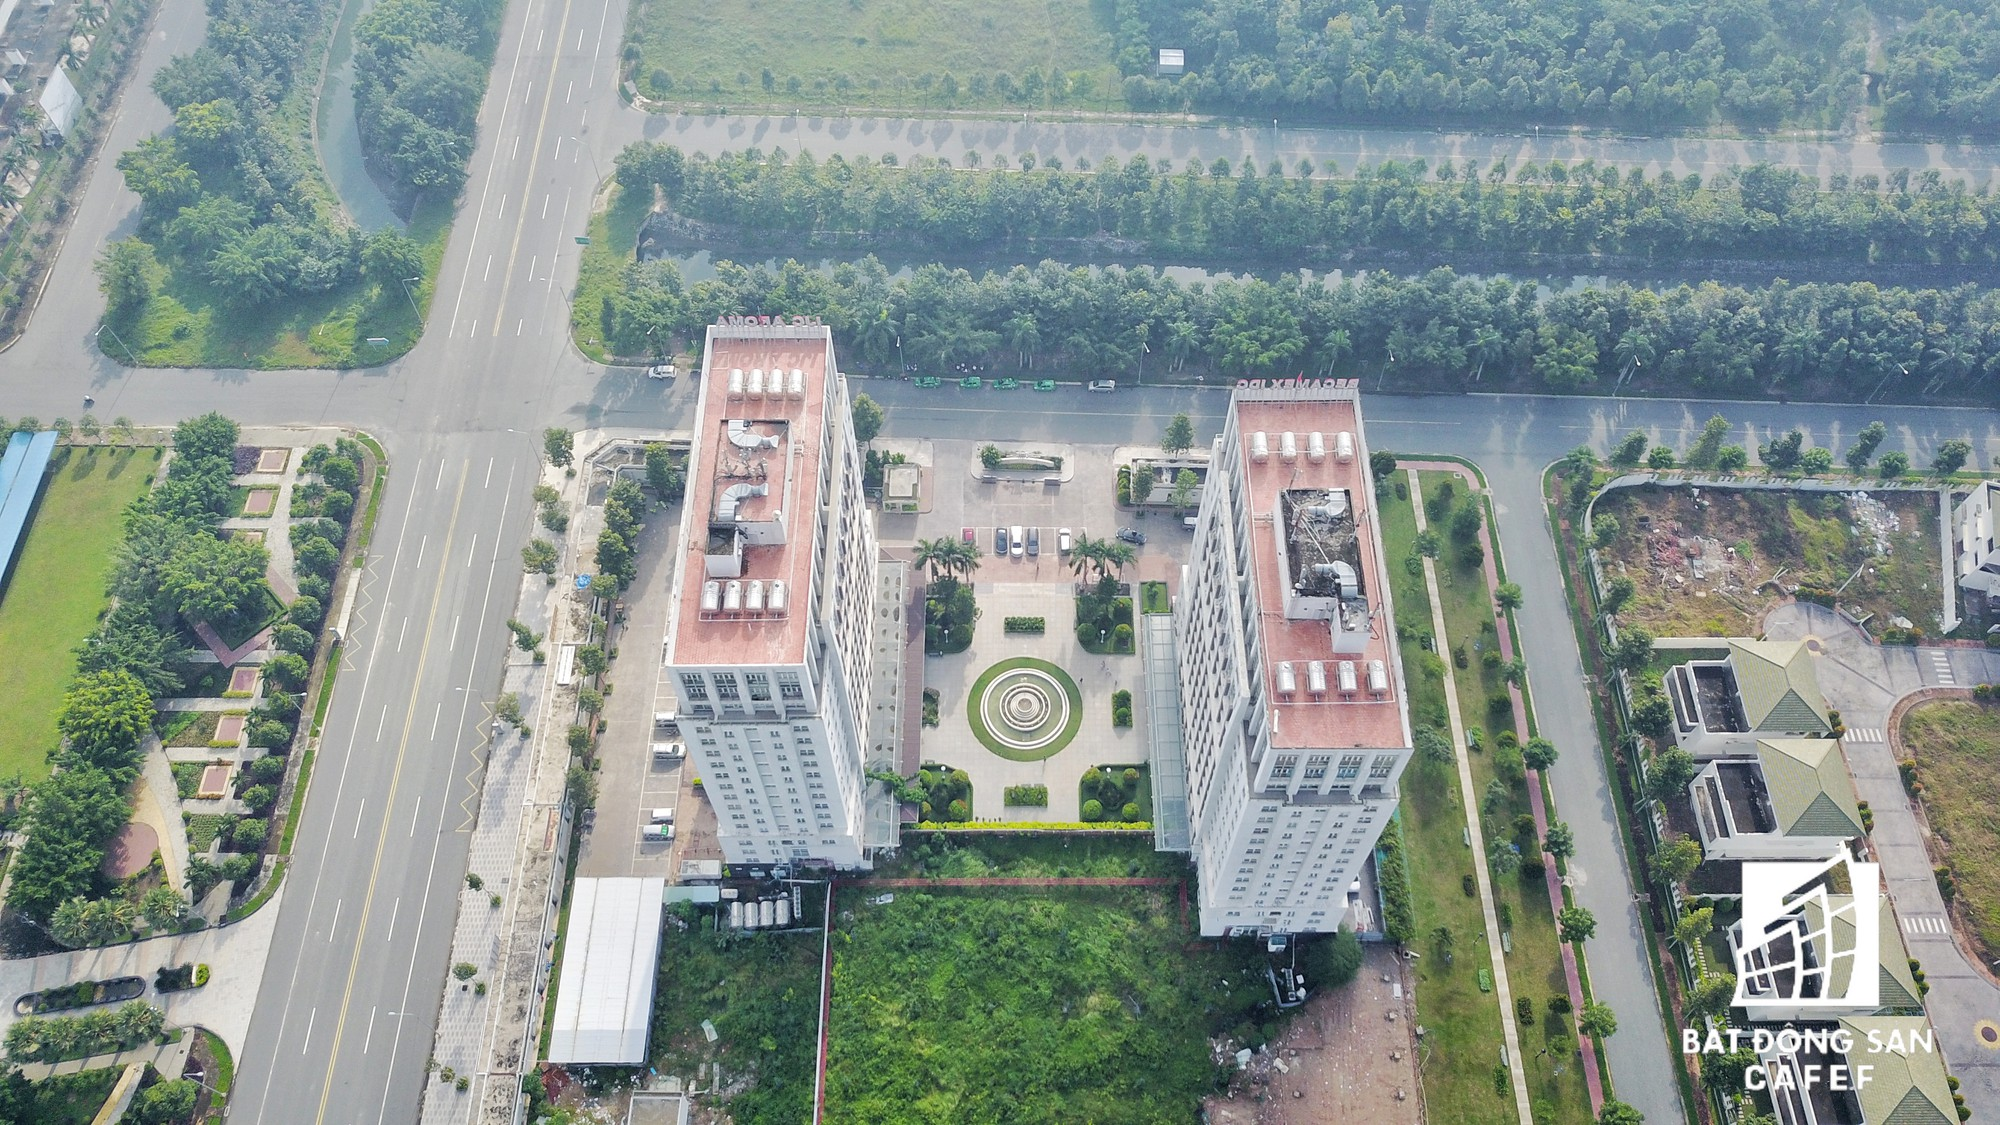 Tại đó, Becamex đã hợp tác có 1 số nhà đầu tư Hàn Quốc xây nên khu thành thị Becamex Tokyu, nhưng sau nhiều năm thi công vẫn chỉ mới đã đi vào hoạt động 1 block căn hộ cao tầng và văn phòng.